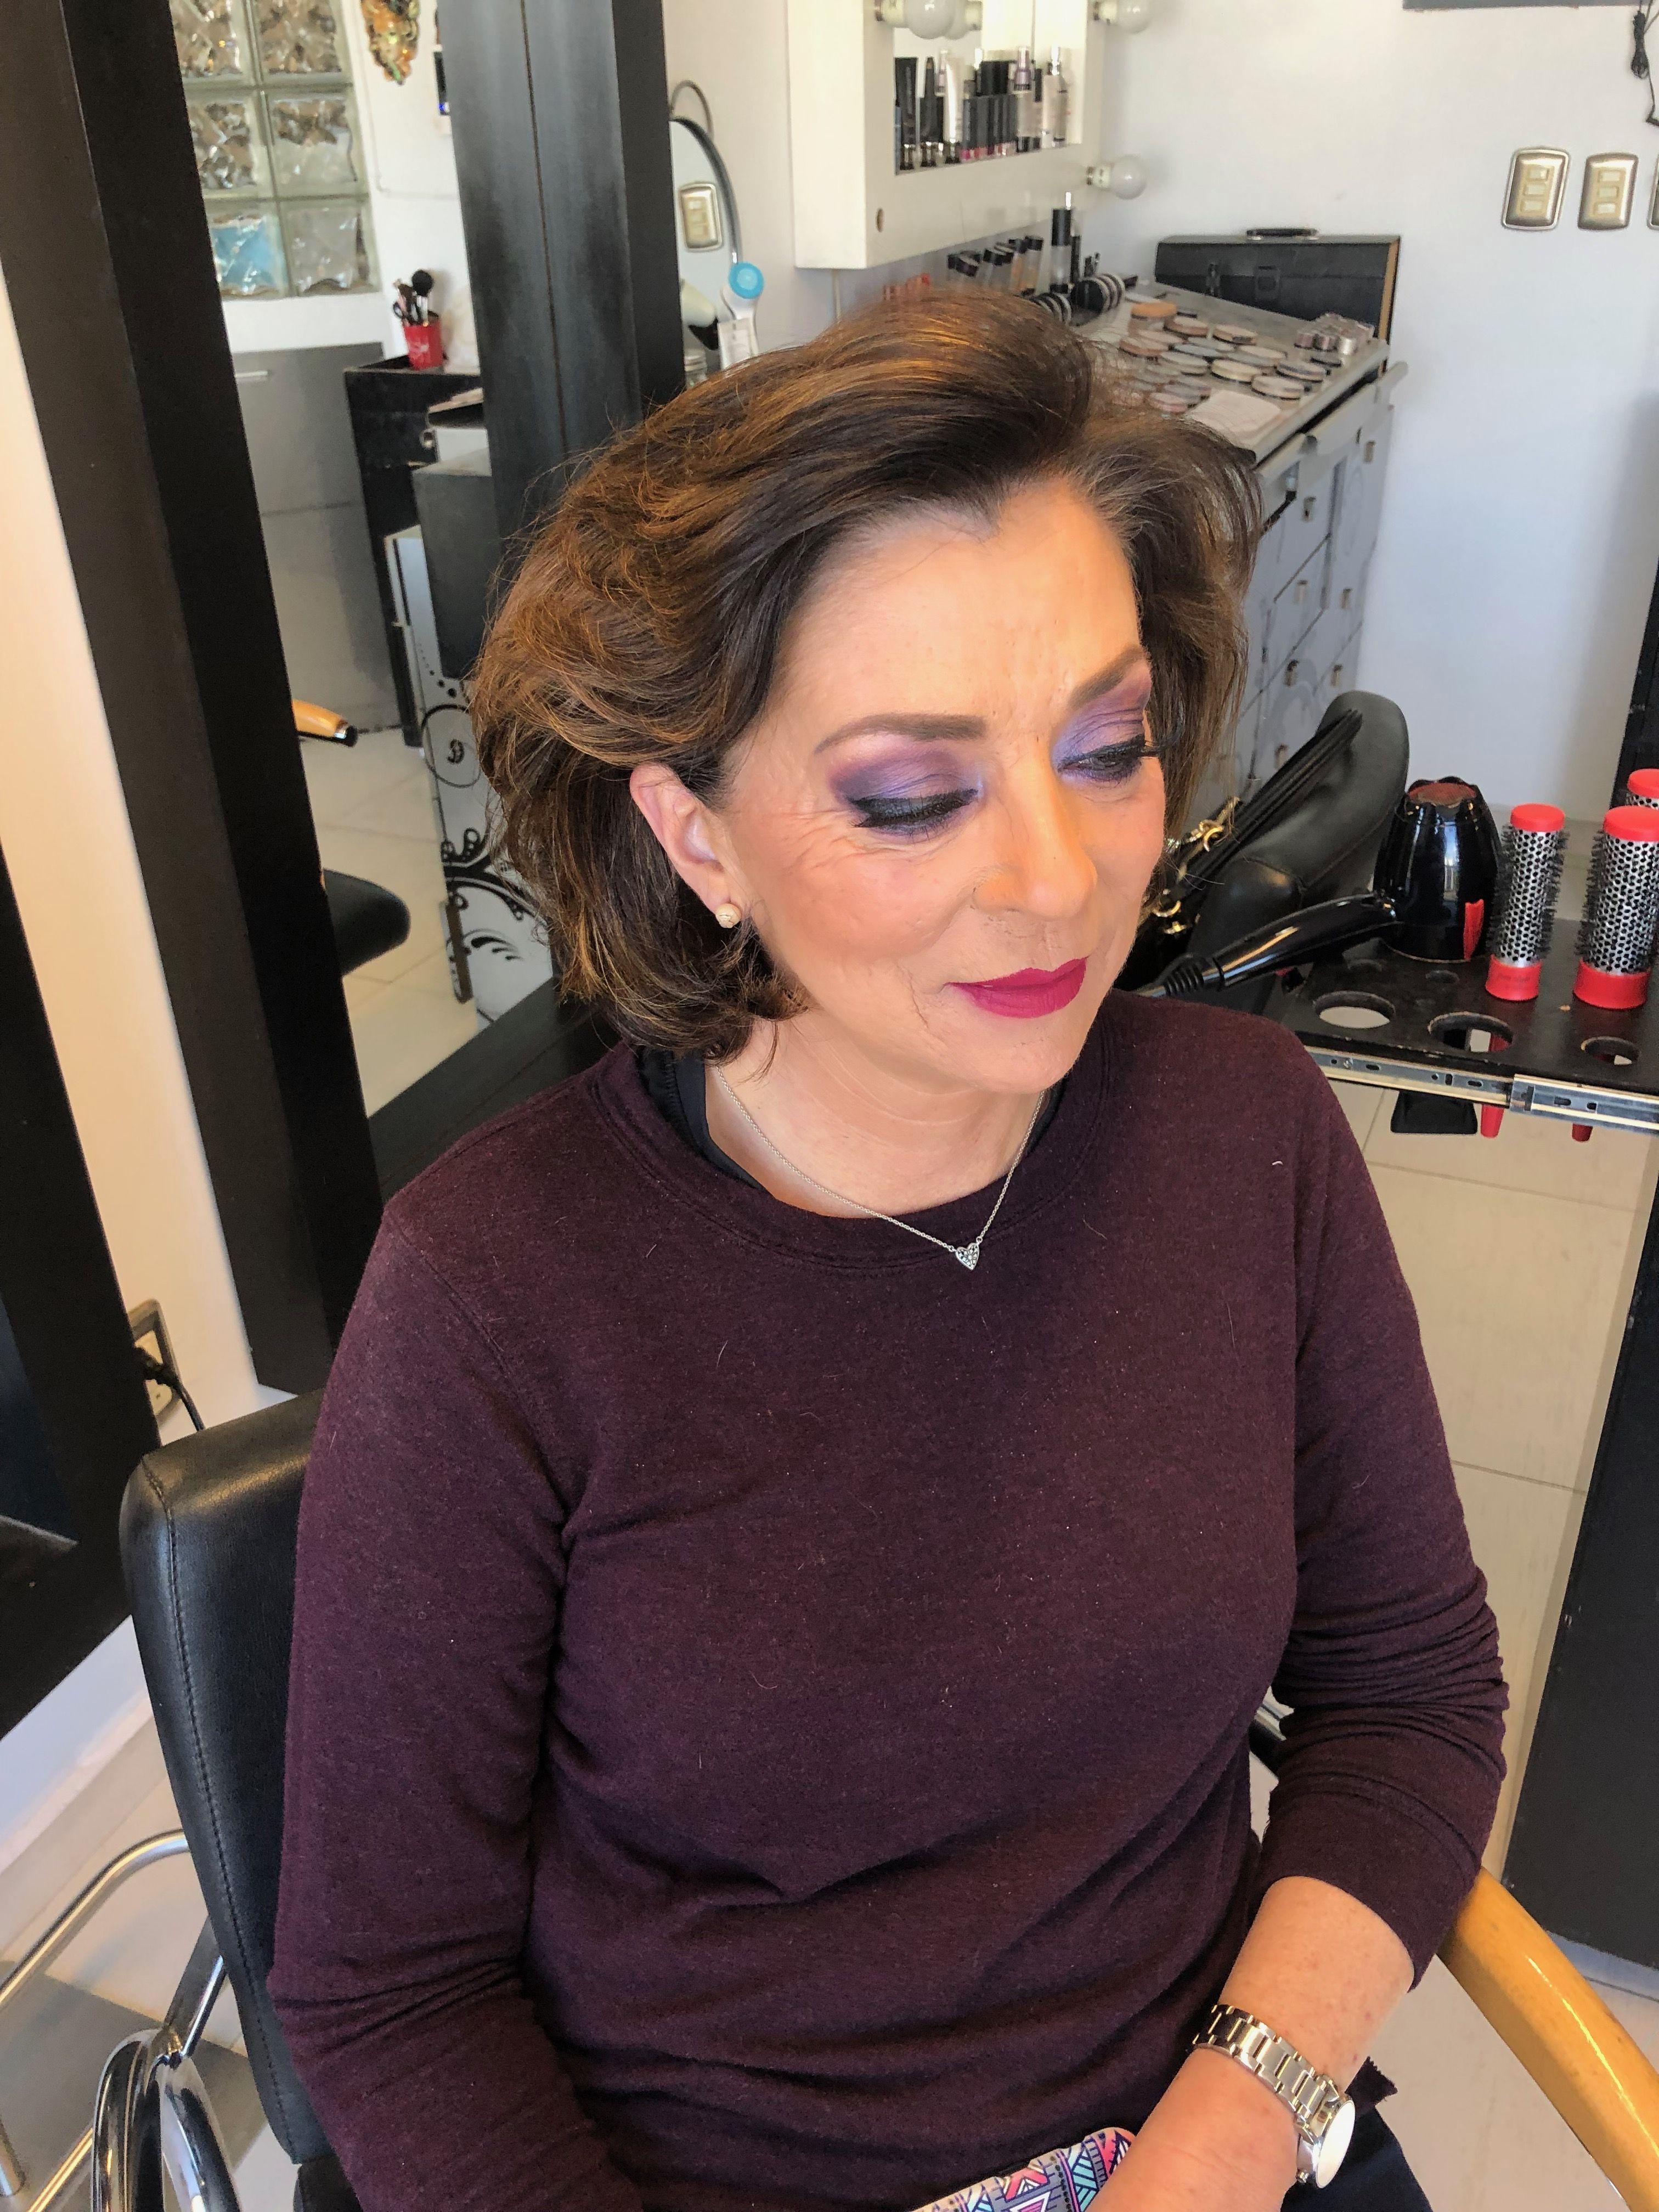 Pin de Marisa Zuñiga en Maquillaje Maquillaje